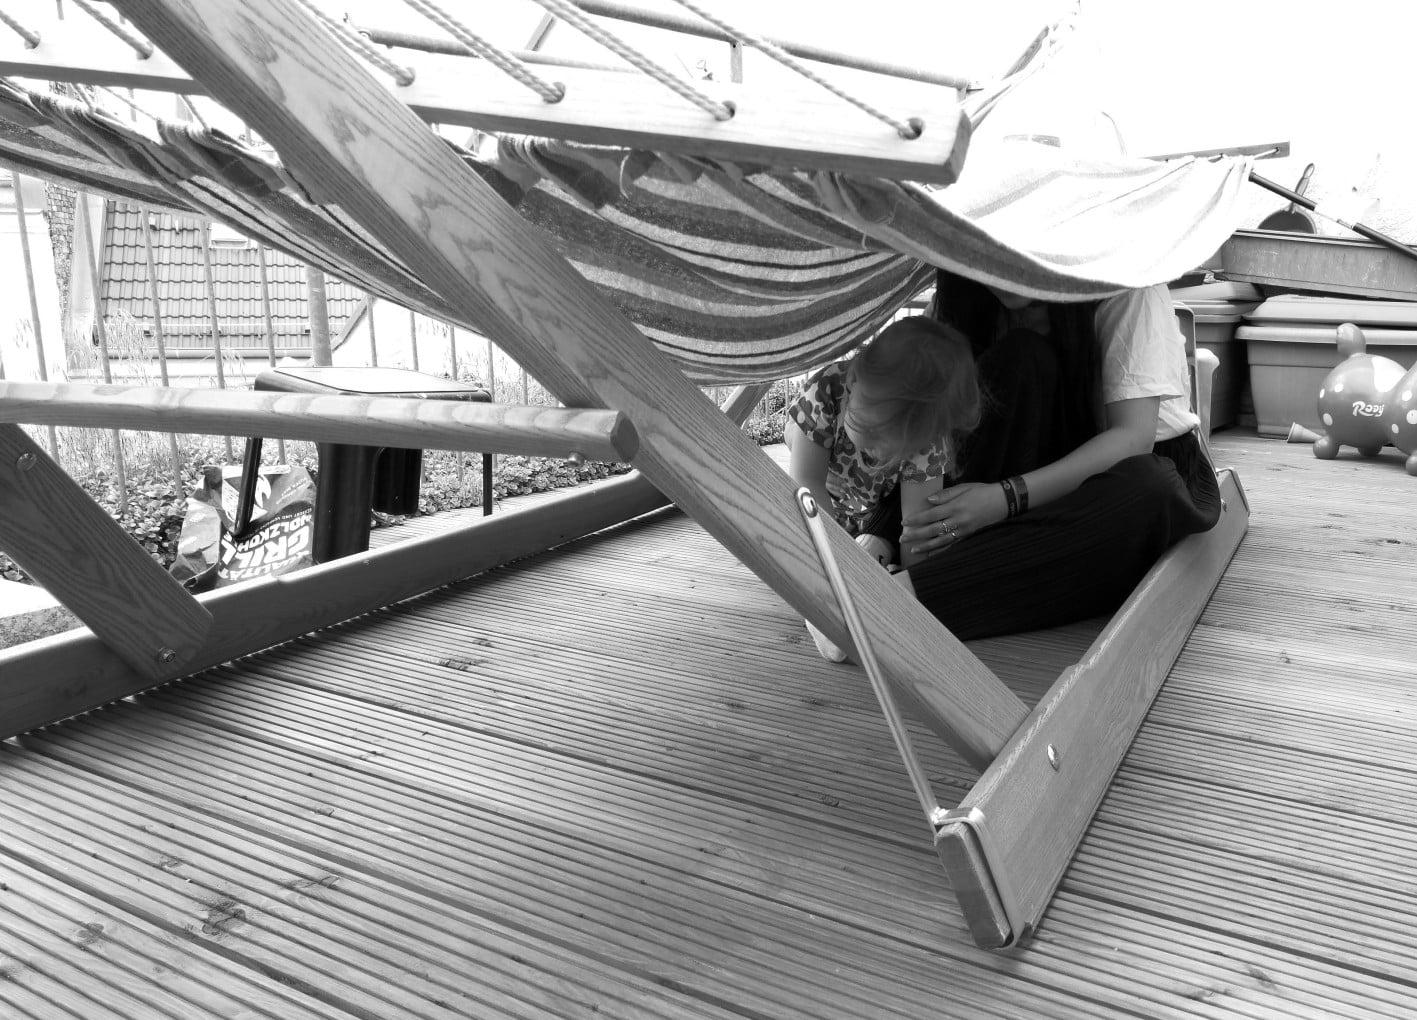 Hängematte auf einer Dachterrasse